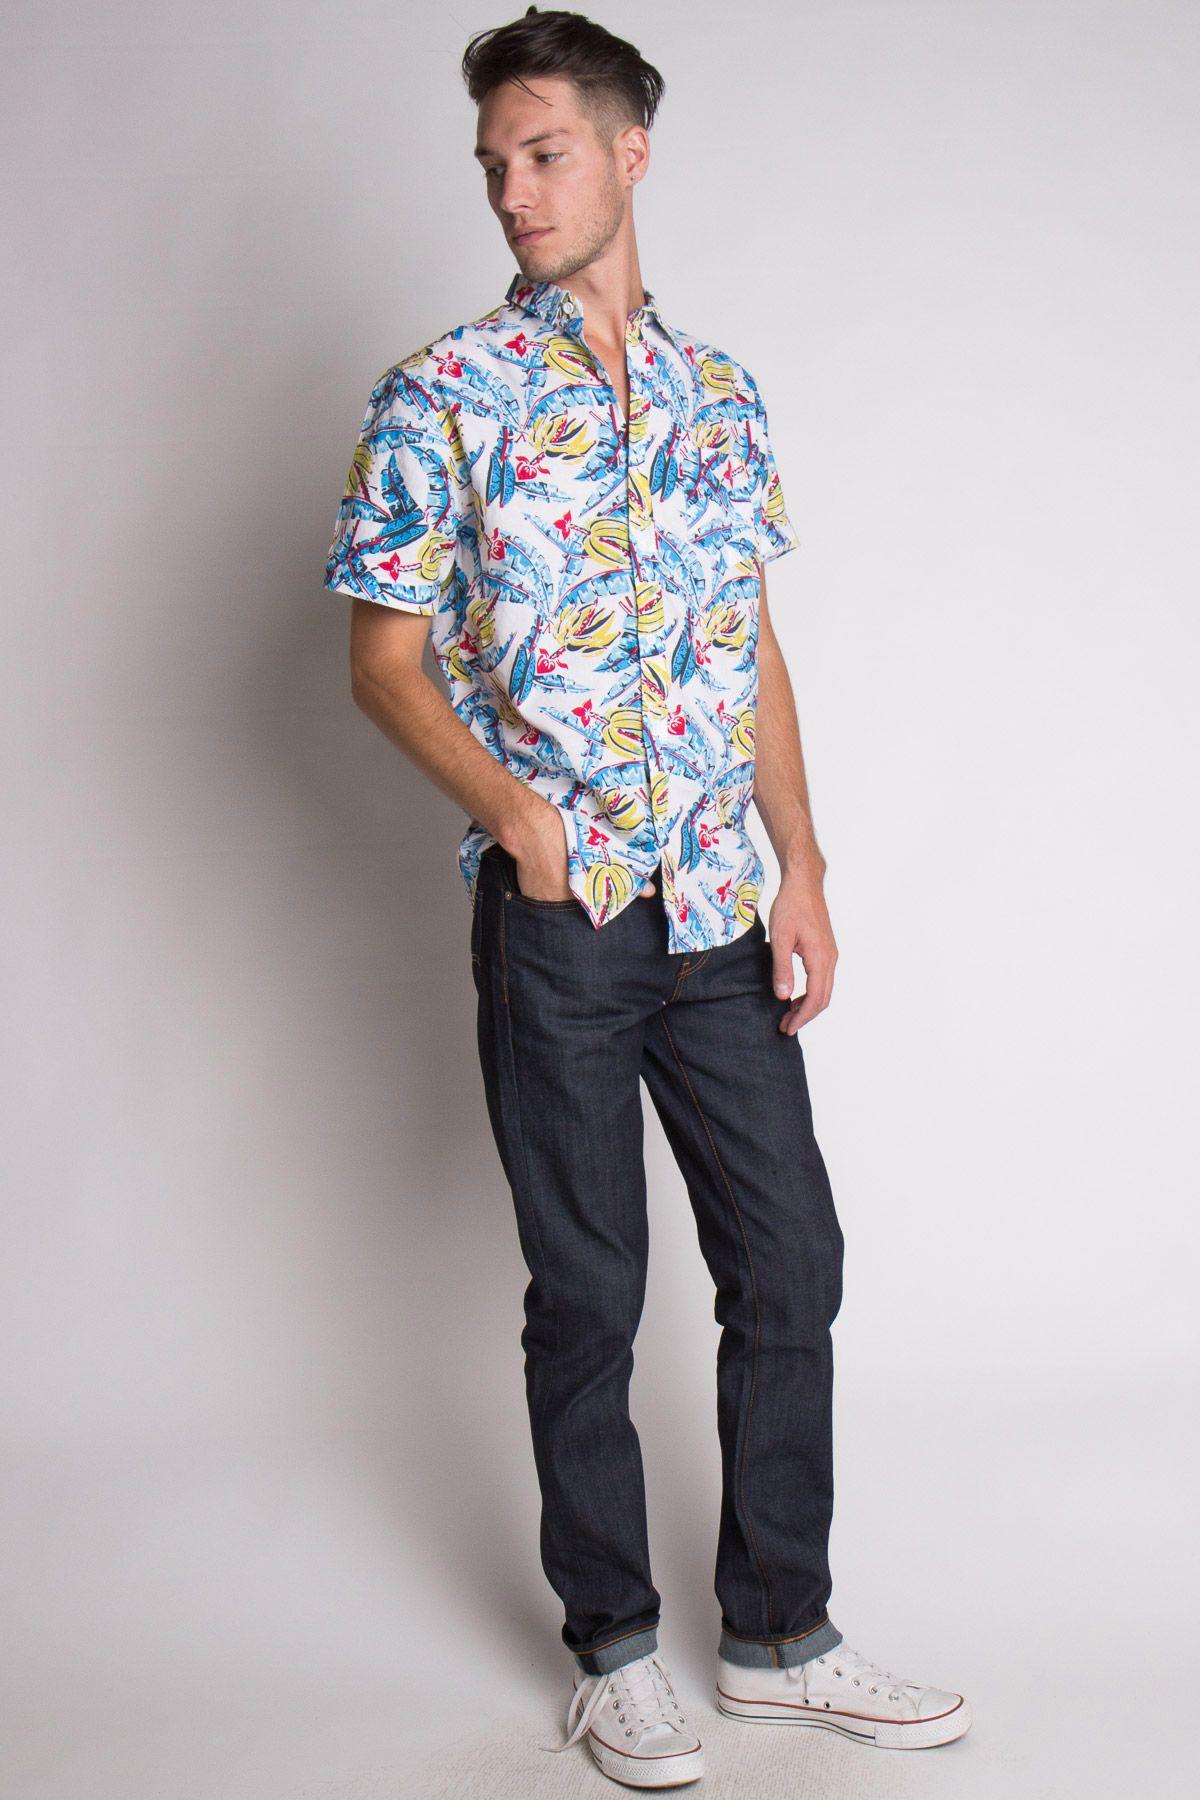 Flannel shirt and shorts men  Banana Tree Printed Woven Shirt    Menus Button up Shirts